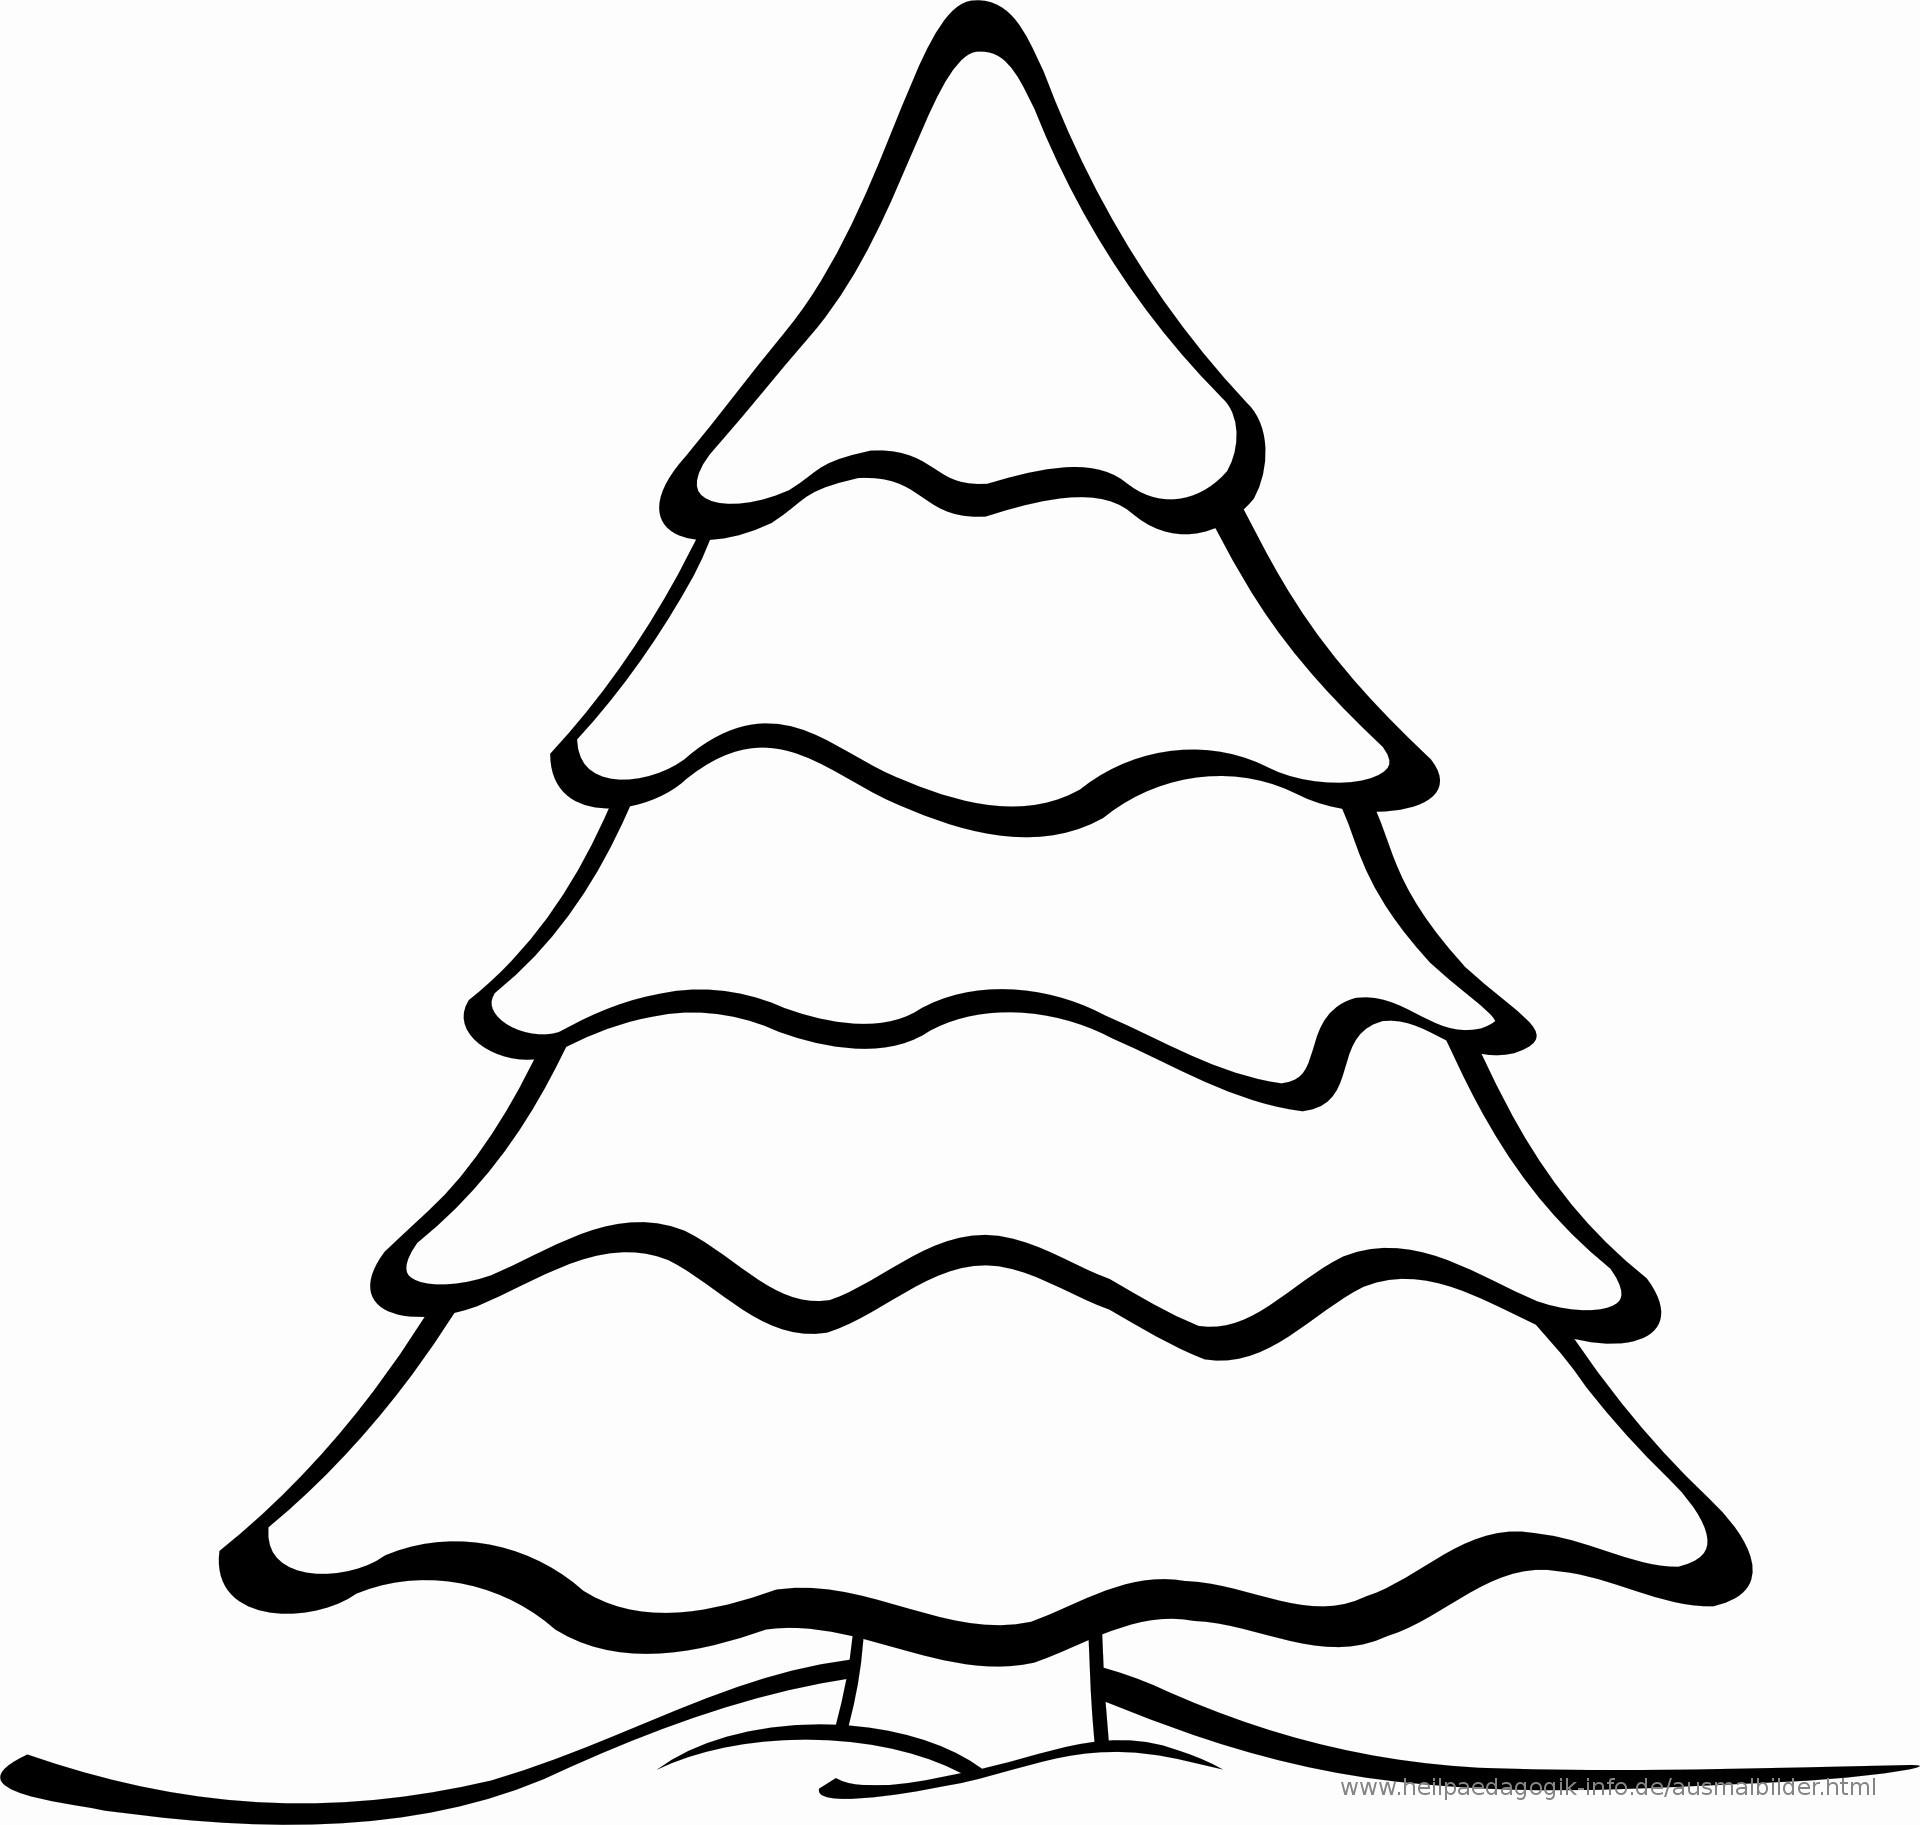 Ausmalbilder Weihnachten Kostenlos Drucken Genial Tannenbaum Ausmalbild Einzigartig Malvorlagen Tannenbaum Sammlung